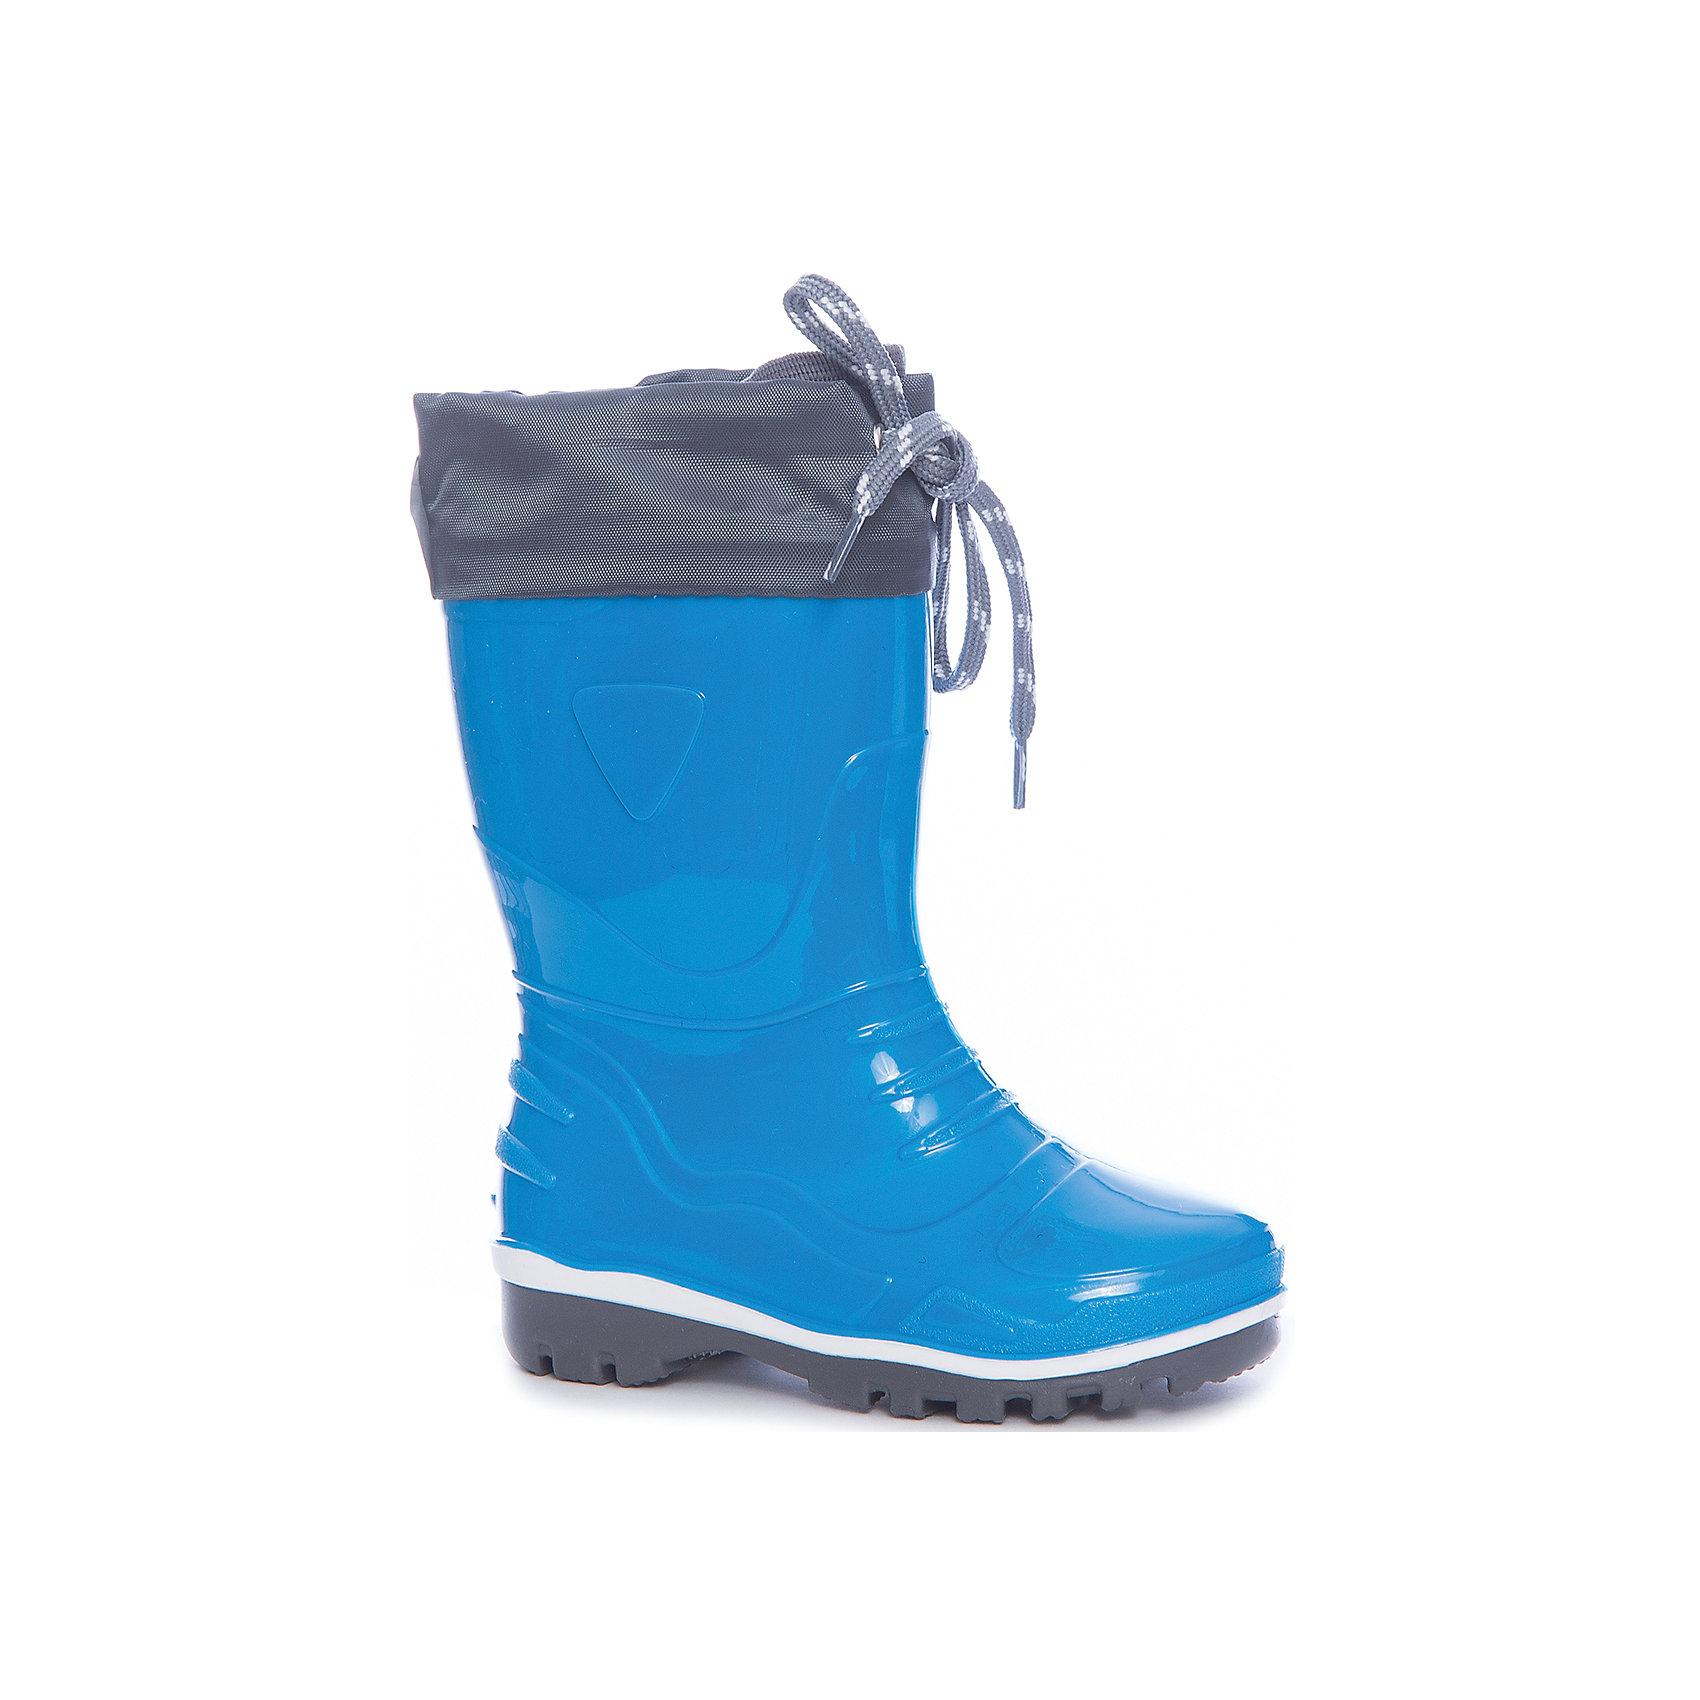 Резиновые сапоги для мальчика NordmanРезиновые сапоги<br>Характеристики товара:<br><br>• цвет: синий<br>• материал верха: ПВХ<br>• подклад: текстиль<br>• стелька: текстиль<br>• подошва: ПВХ<br>• сезон: лето, демисезон<br>• температурный режим: от +5 до +25<br>• сапожок не съемный<br>• непромокаемые<br>• подошва не скользит<br>• анатомические <br>• страна бренда: Россия<br>• страна изготовитель: Россия<br><br>Резиновые сапоги для мальчика Nordman позволяют сохранить ноги в тепле и одновременно не дают им промокнуть. Такая обувь отлично подходит и для теплого лета и для слякоти в межсезонье. <br><br>Высокое голенище предотвращает попадание влаги или грязи в сапог. Толстая устойчивая подошва позволяет ребенку увереннее держать равновесие.<br><br>Резиновые сапоги для мальчика Nordman (Нордман) можно купить в нашем интернет-магазине.<br><br>Ширина мм: 237<br>Глубина мм: 180<br>Высота мм: 152<br>Вес г: 438<br>Цвет: синий<br>Возраст от месяцев: 15<br>Возраст до месяцев: 18<br>Пол: Мужской<br>Возраст: Детский<br>Размер: 22,26,25,24,23<br>SKU: 6867503